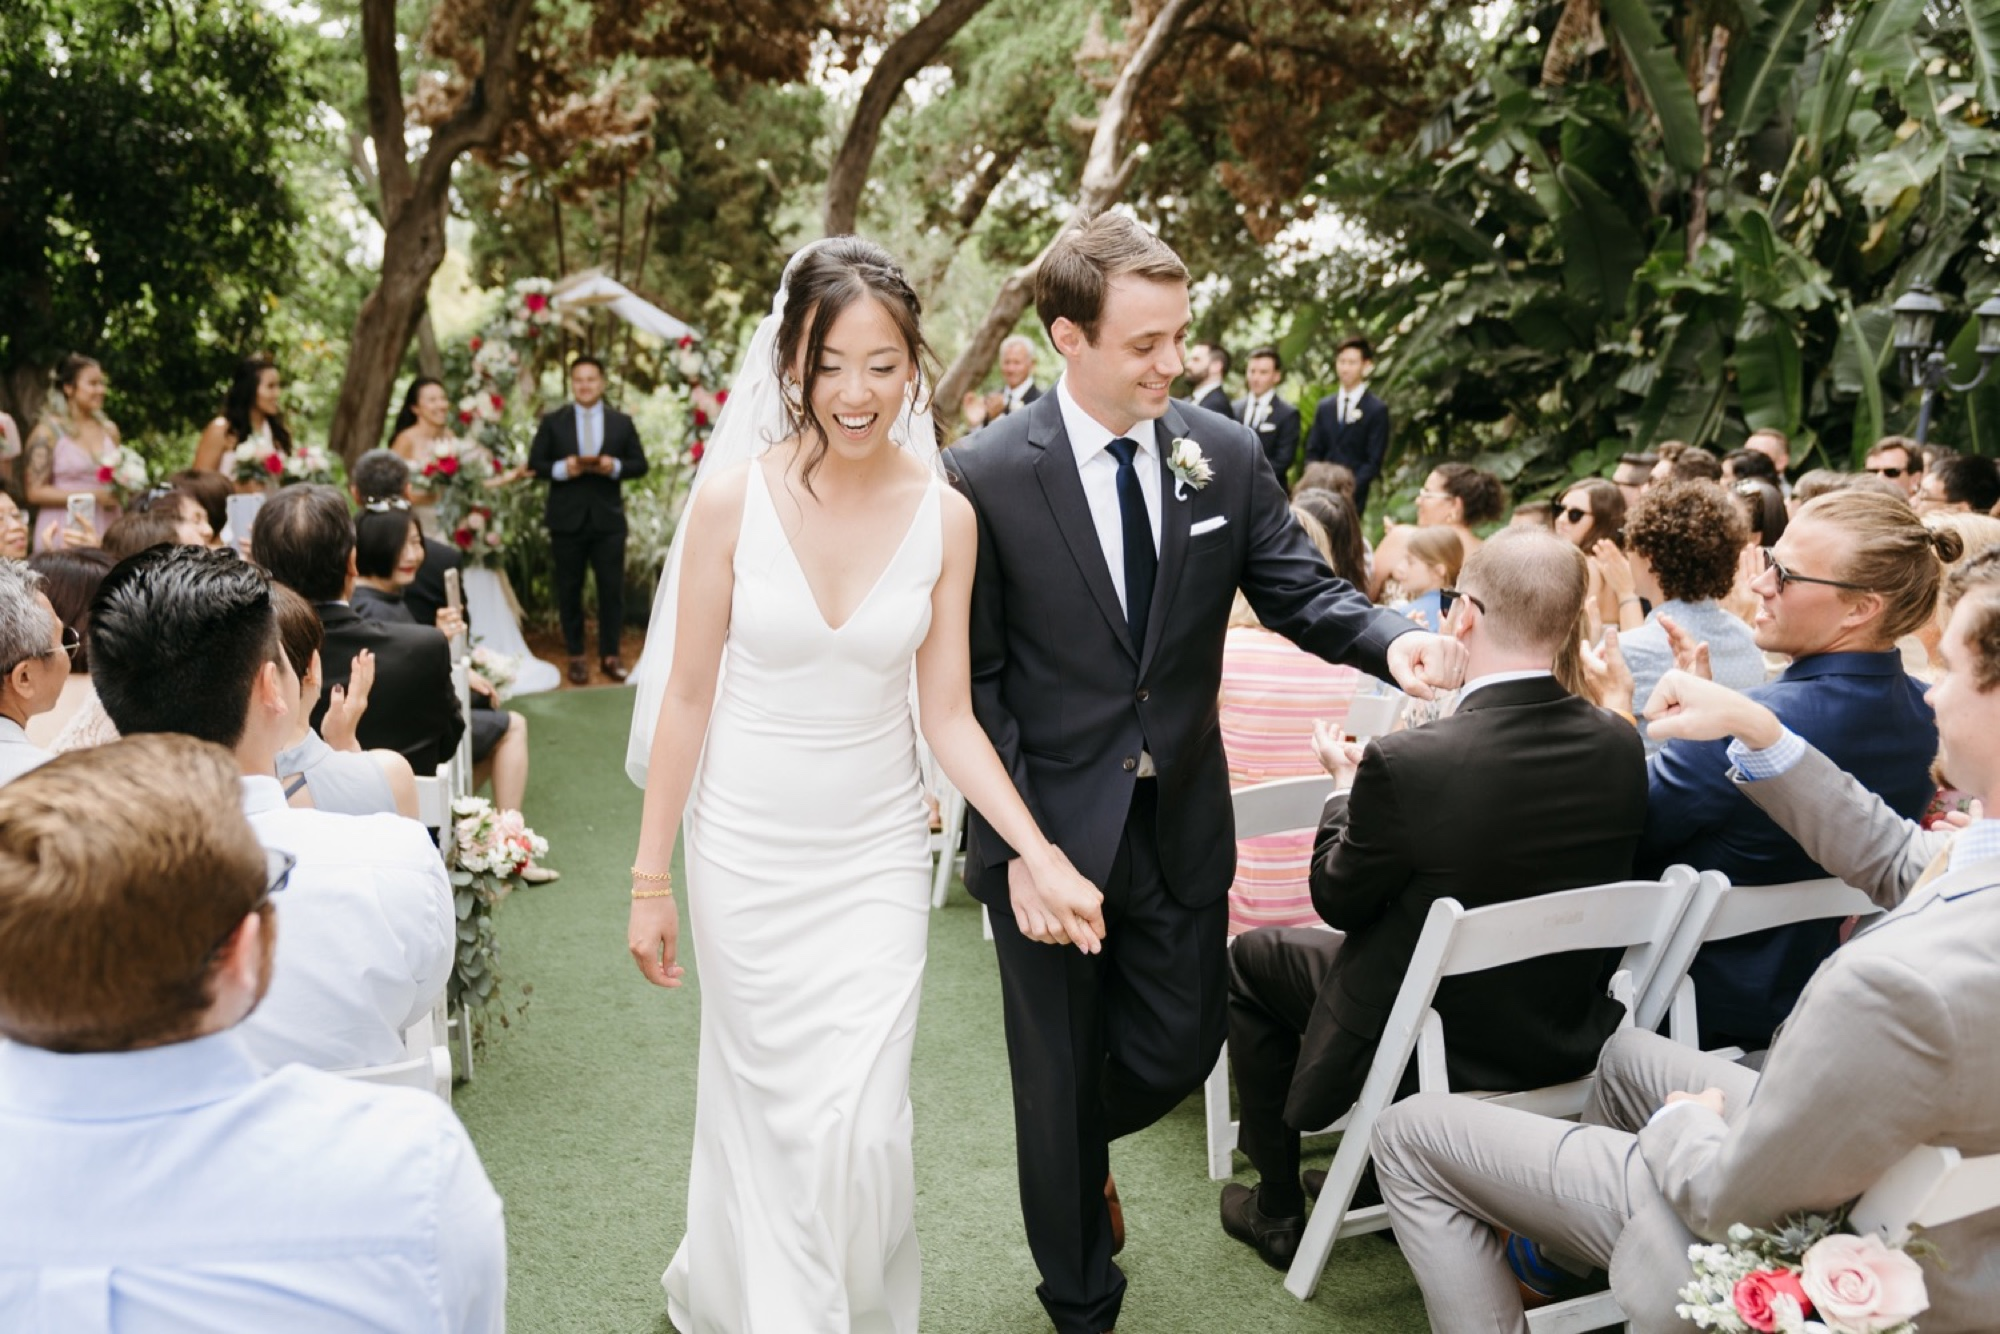 041_Shawna and Steve's Wedding-233.jpg